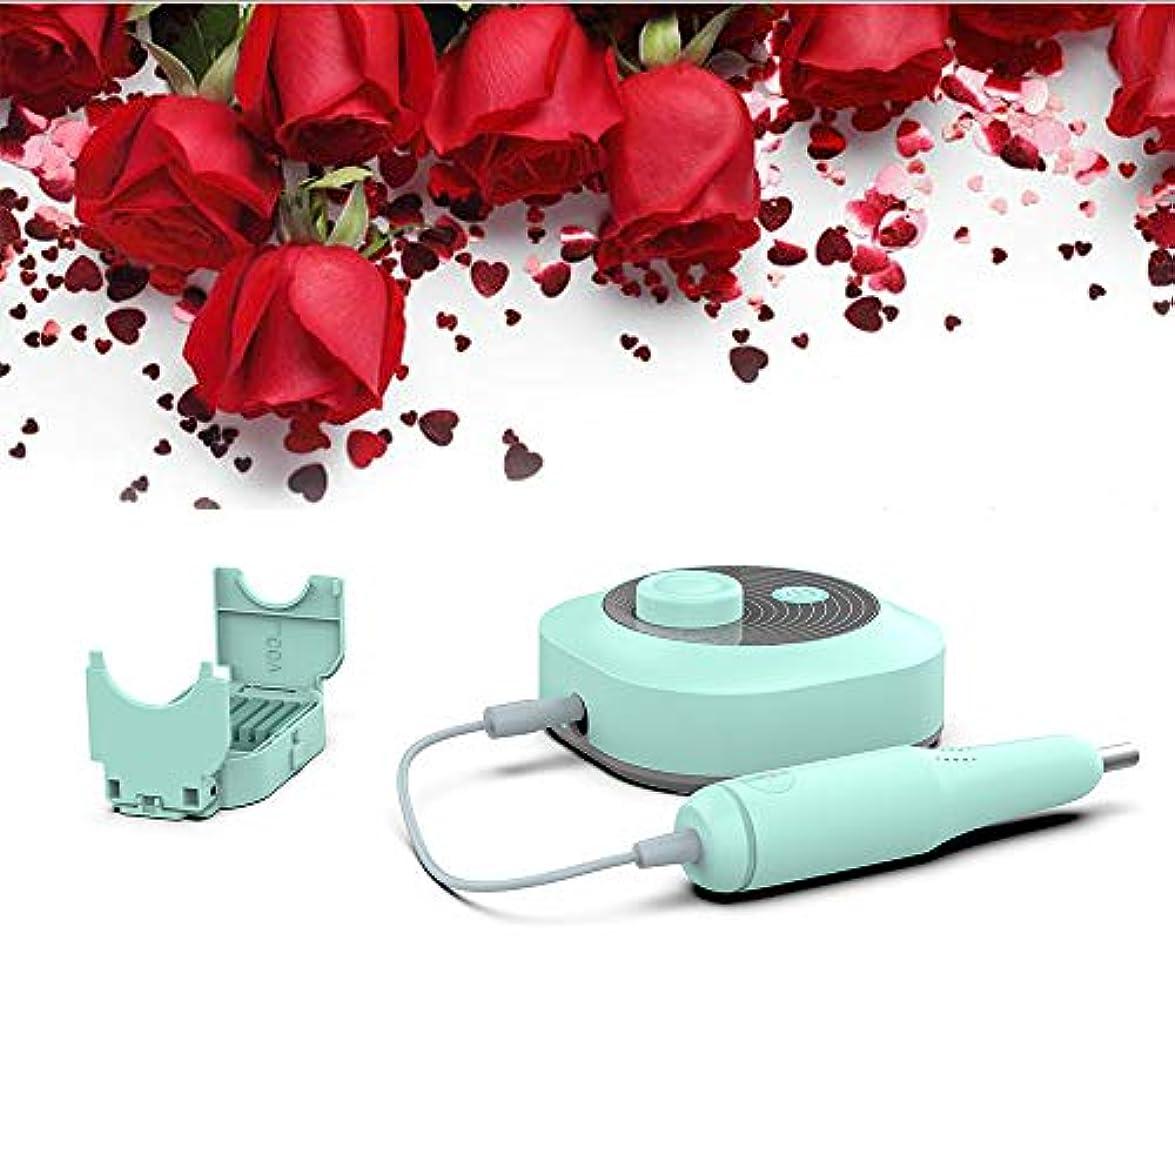 電卓潮哀れな家庭用のアクリル、ジェルネイルマニキュアペディキュア研磨ツールの設計のためのコンパクトなポータブル電動ネイルドリル